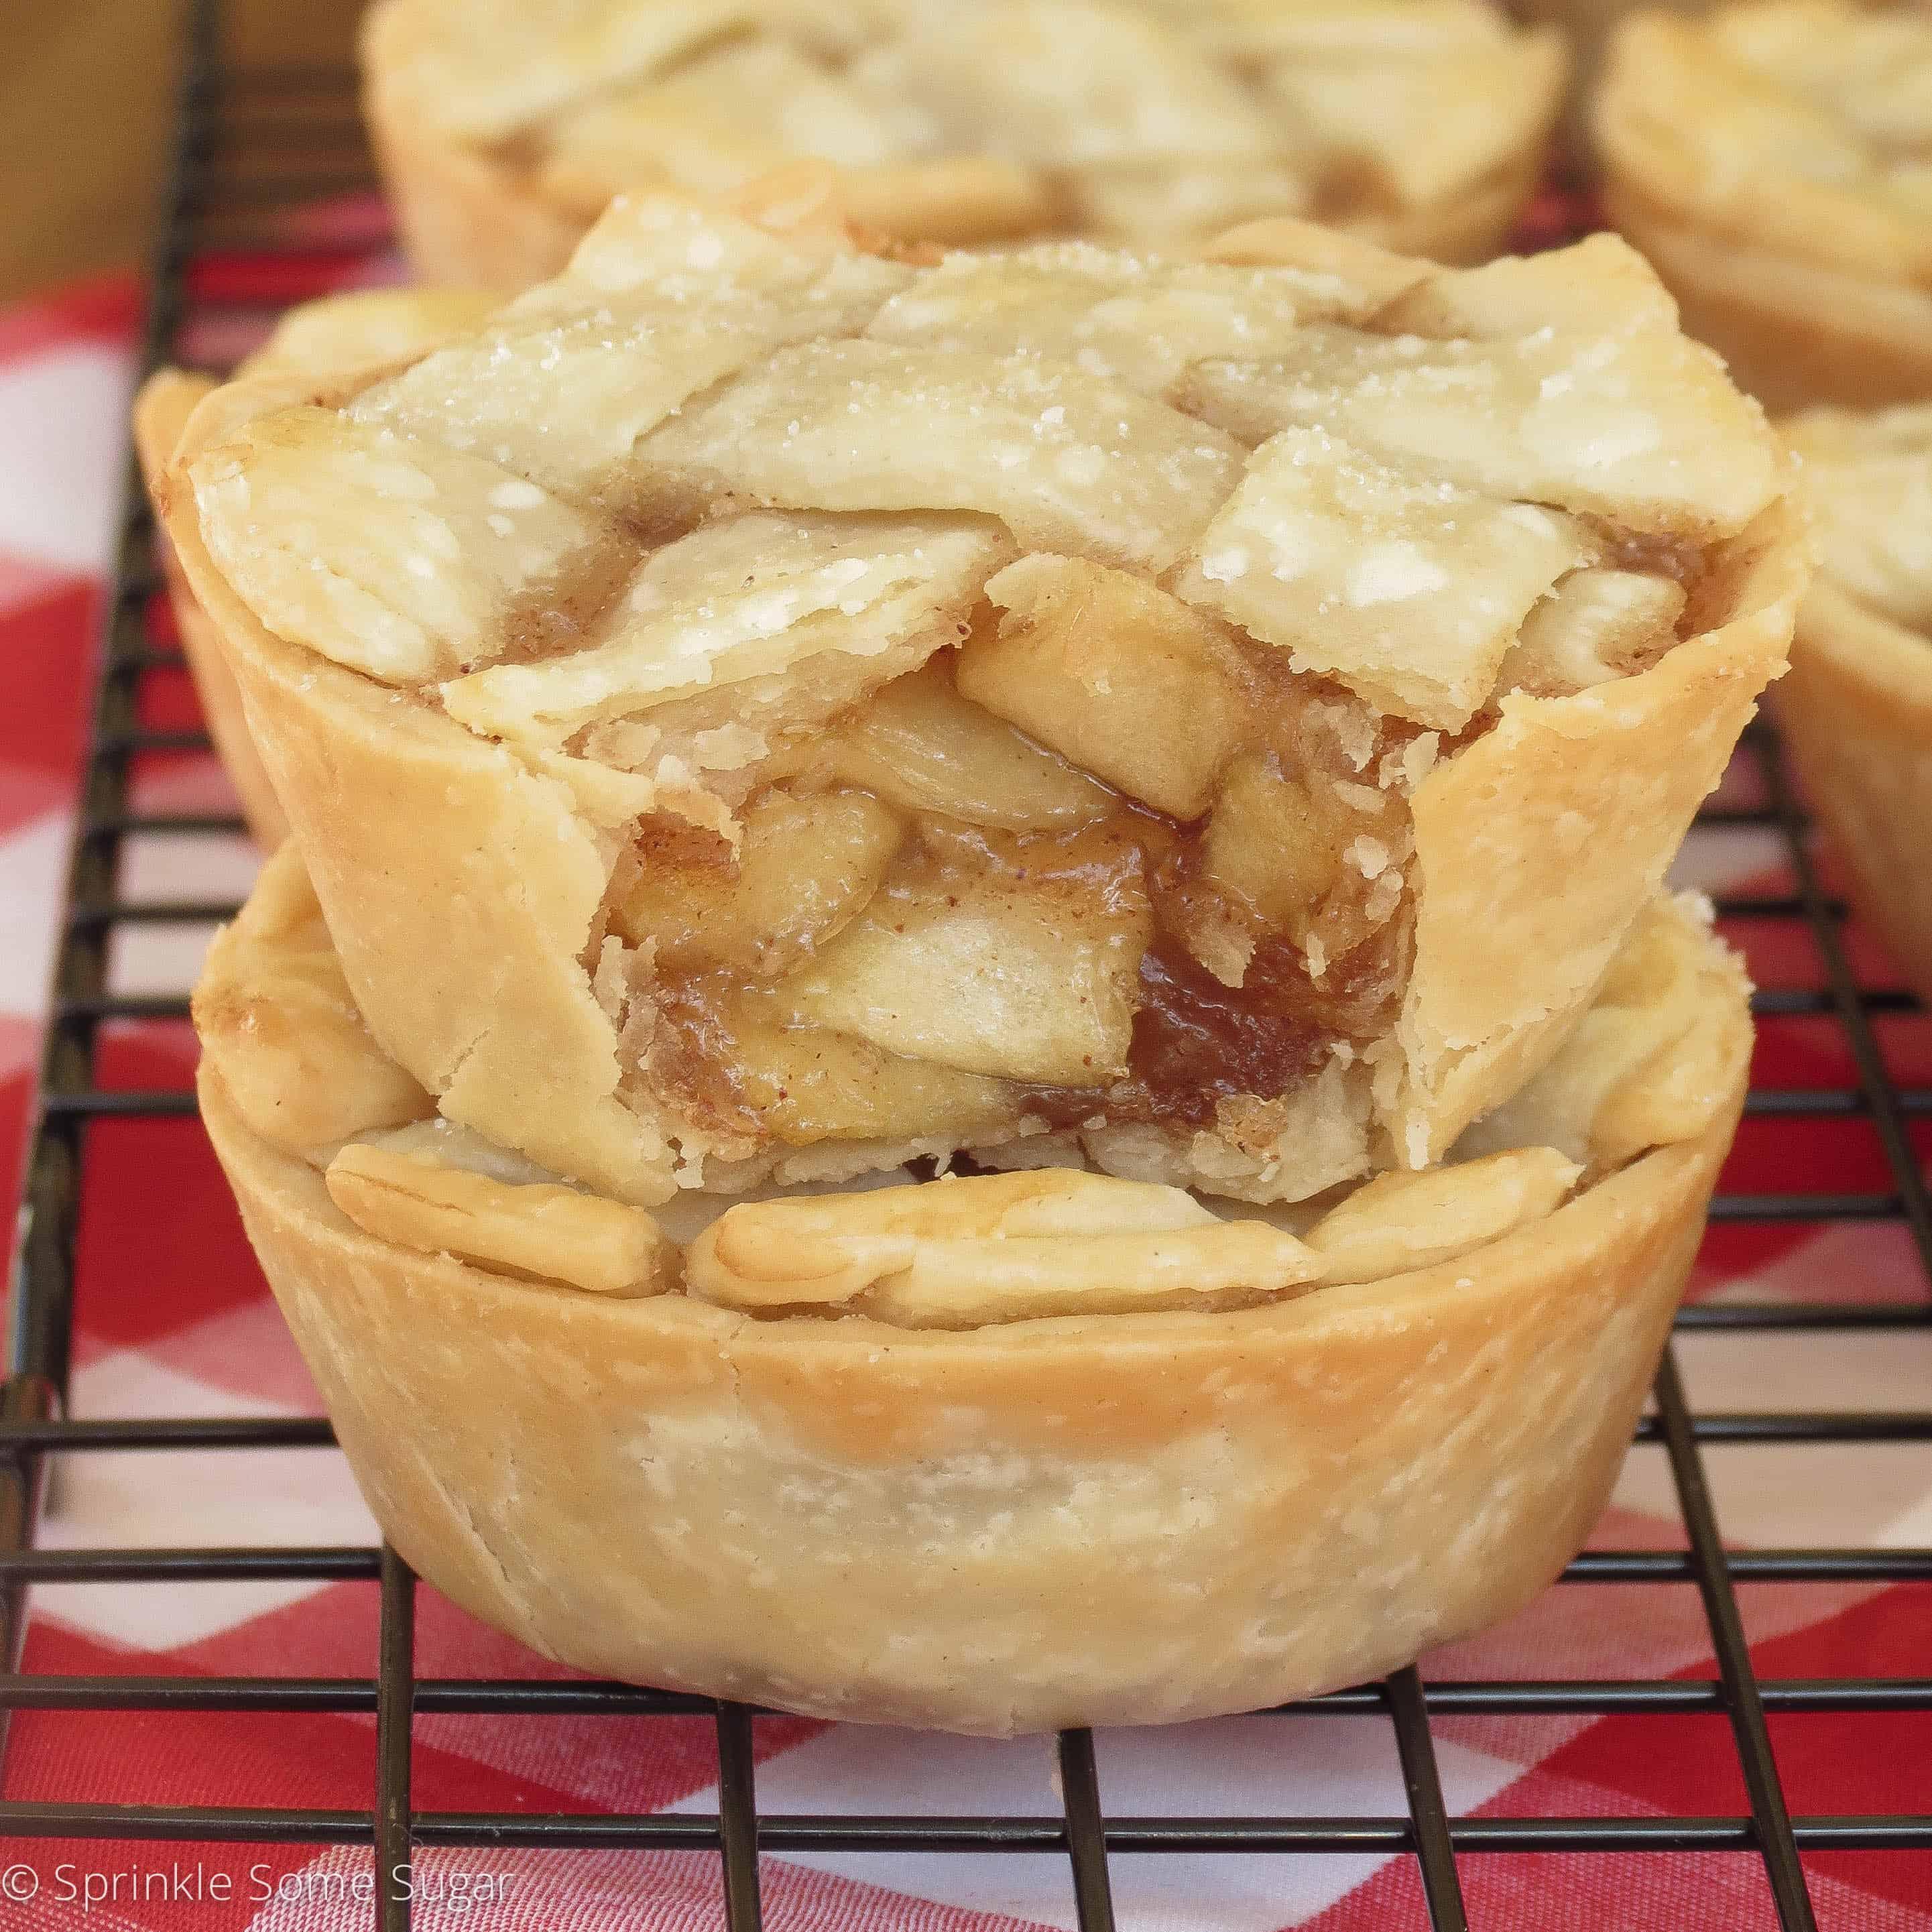 Apple Pie Recipe: Sprinkle Some Sugar